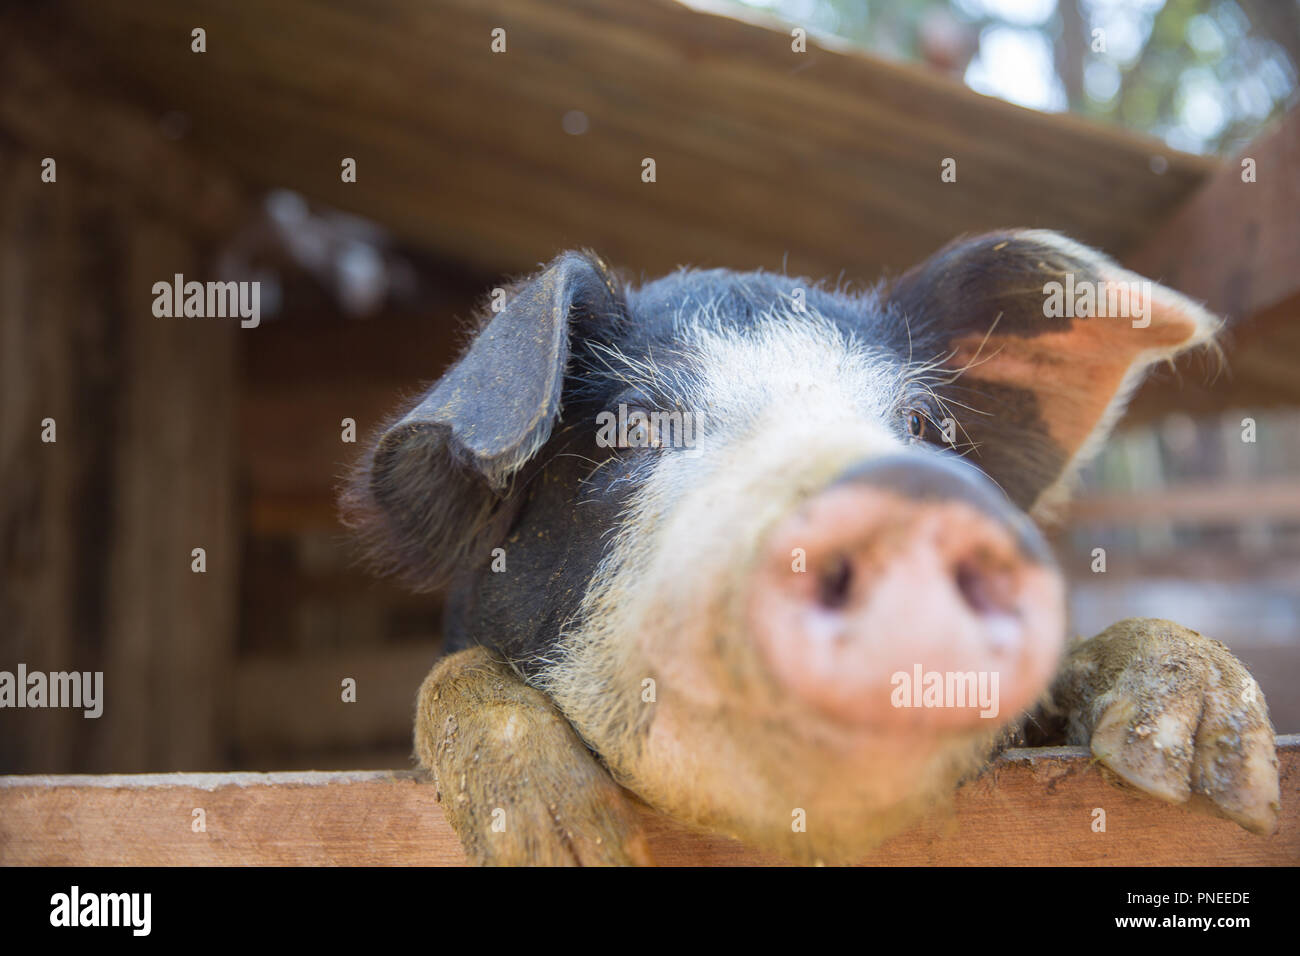 Schwein im Pen. Schwerpunkt liegt auf Auge. Geringe Tiefenschärfe. Stockfoto